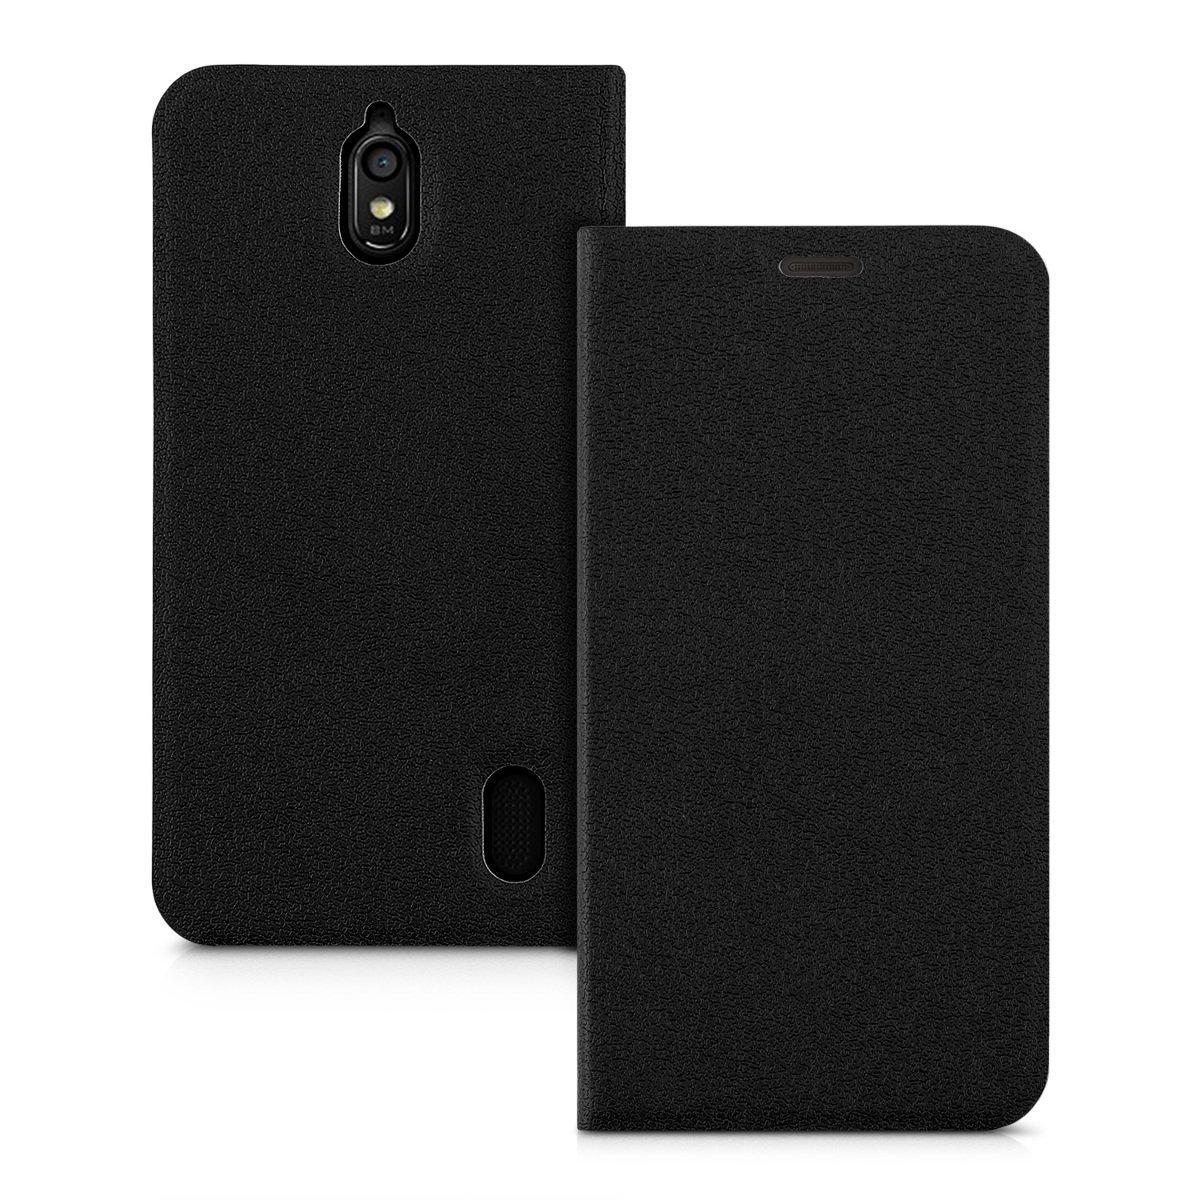 Le-migliori-cover-e-custodie-per-il-Huawei-Y625-su-Amazon-5